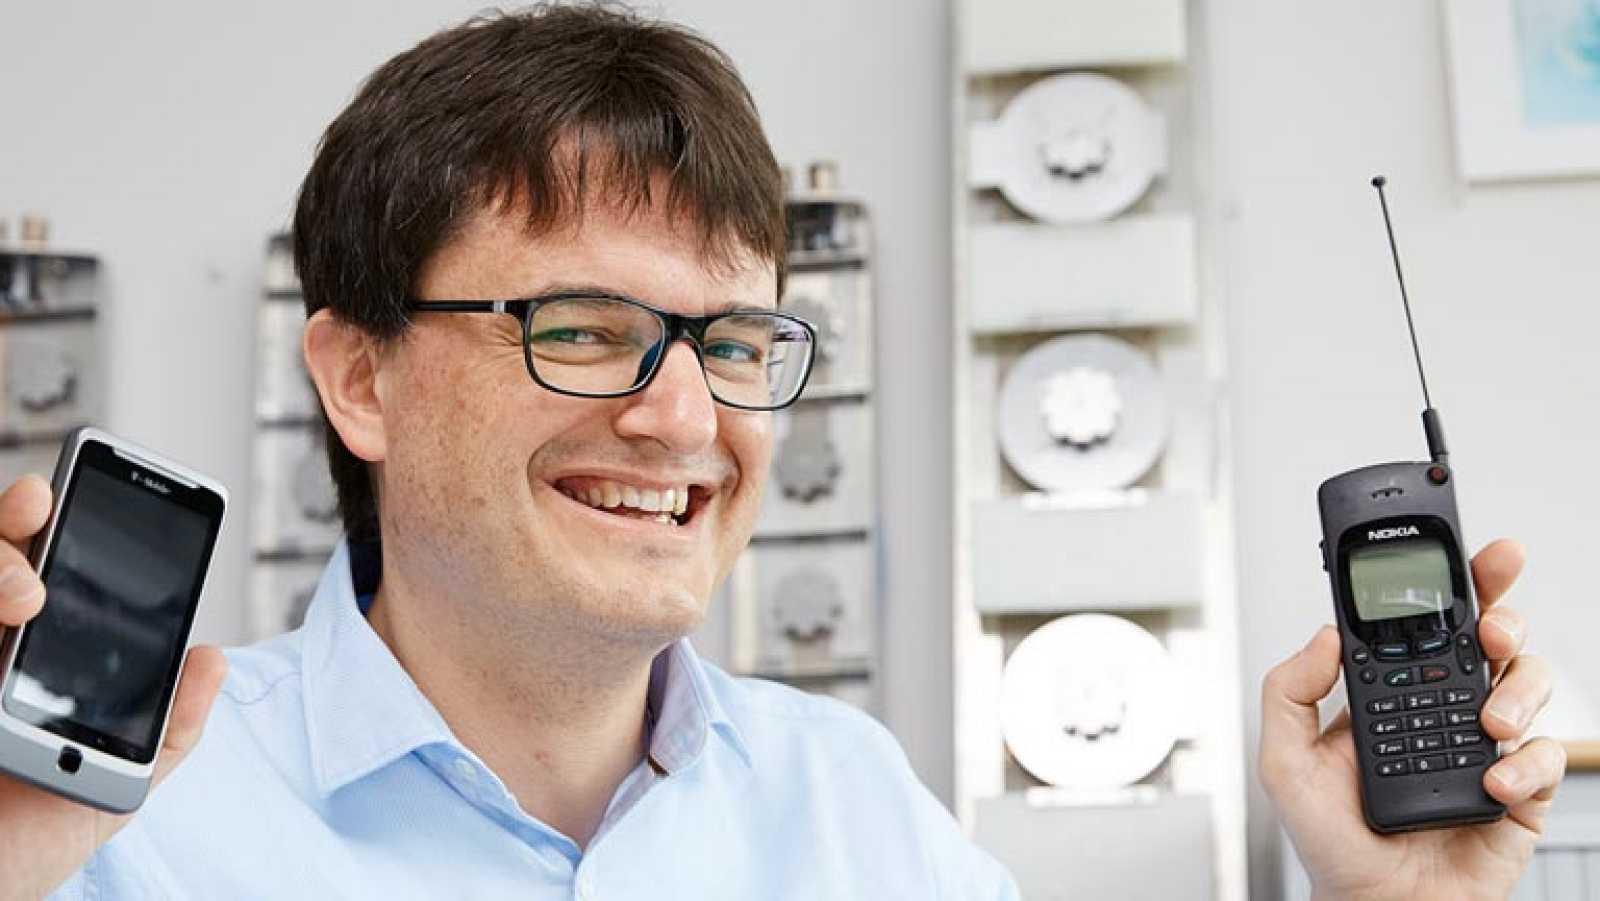 El inventor de la antena fractal, es español y acaba de ser nominado al Premio Inventor Europeo del año